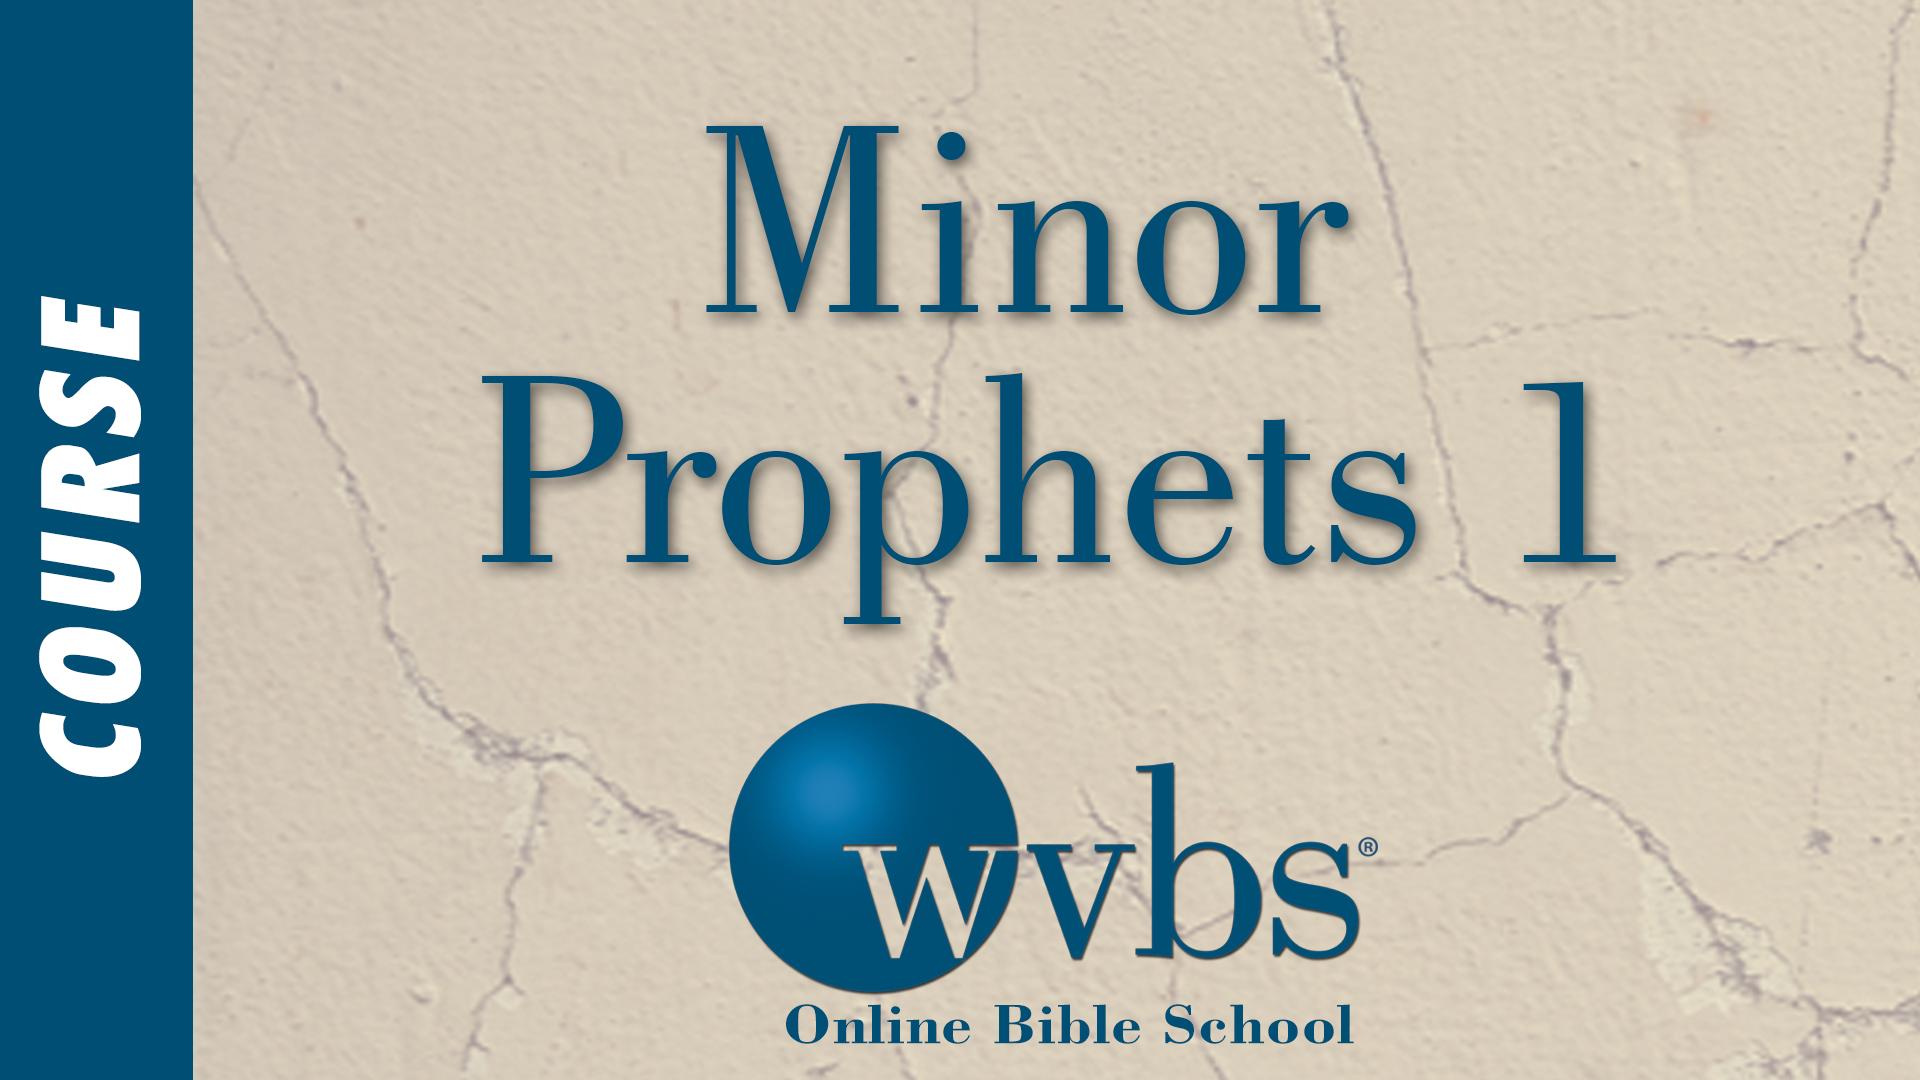 Minor Prophets 1 (Online Bible School)